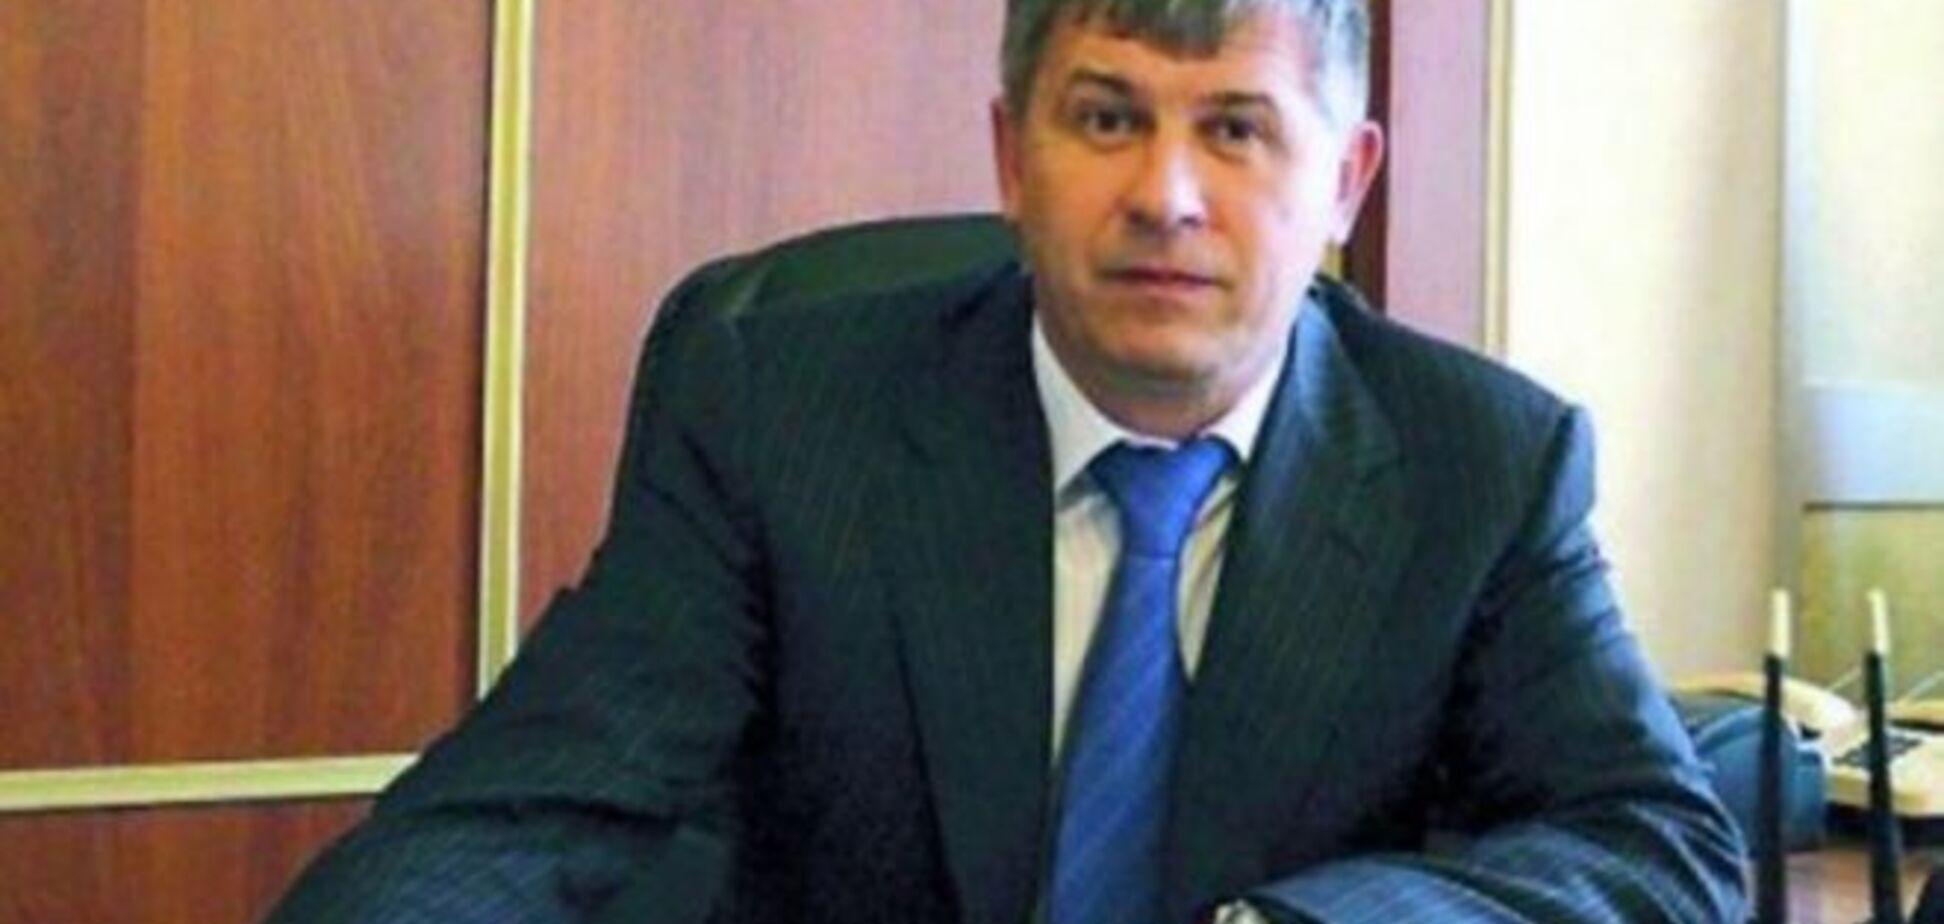 ГПУ допрашивает Ланьо, следующий Балога - Аваков